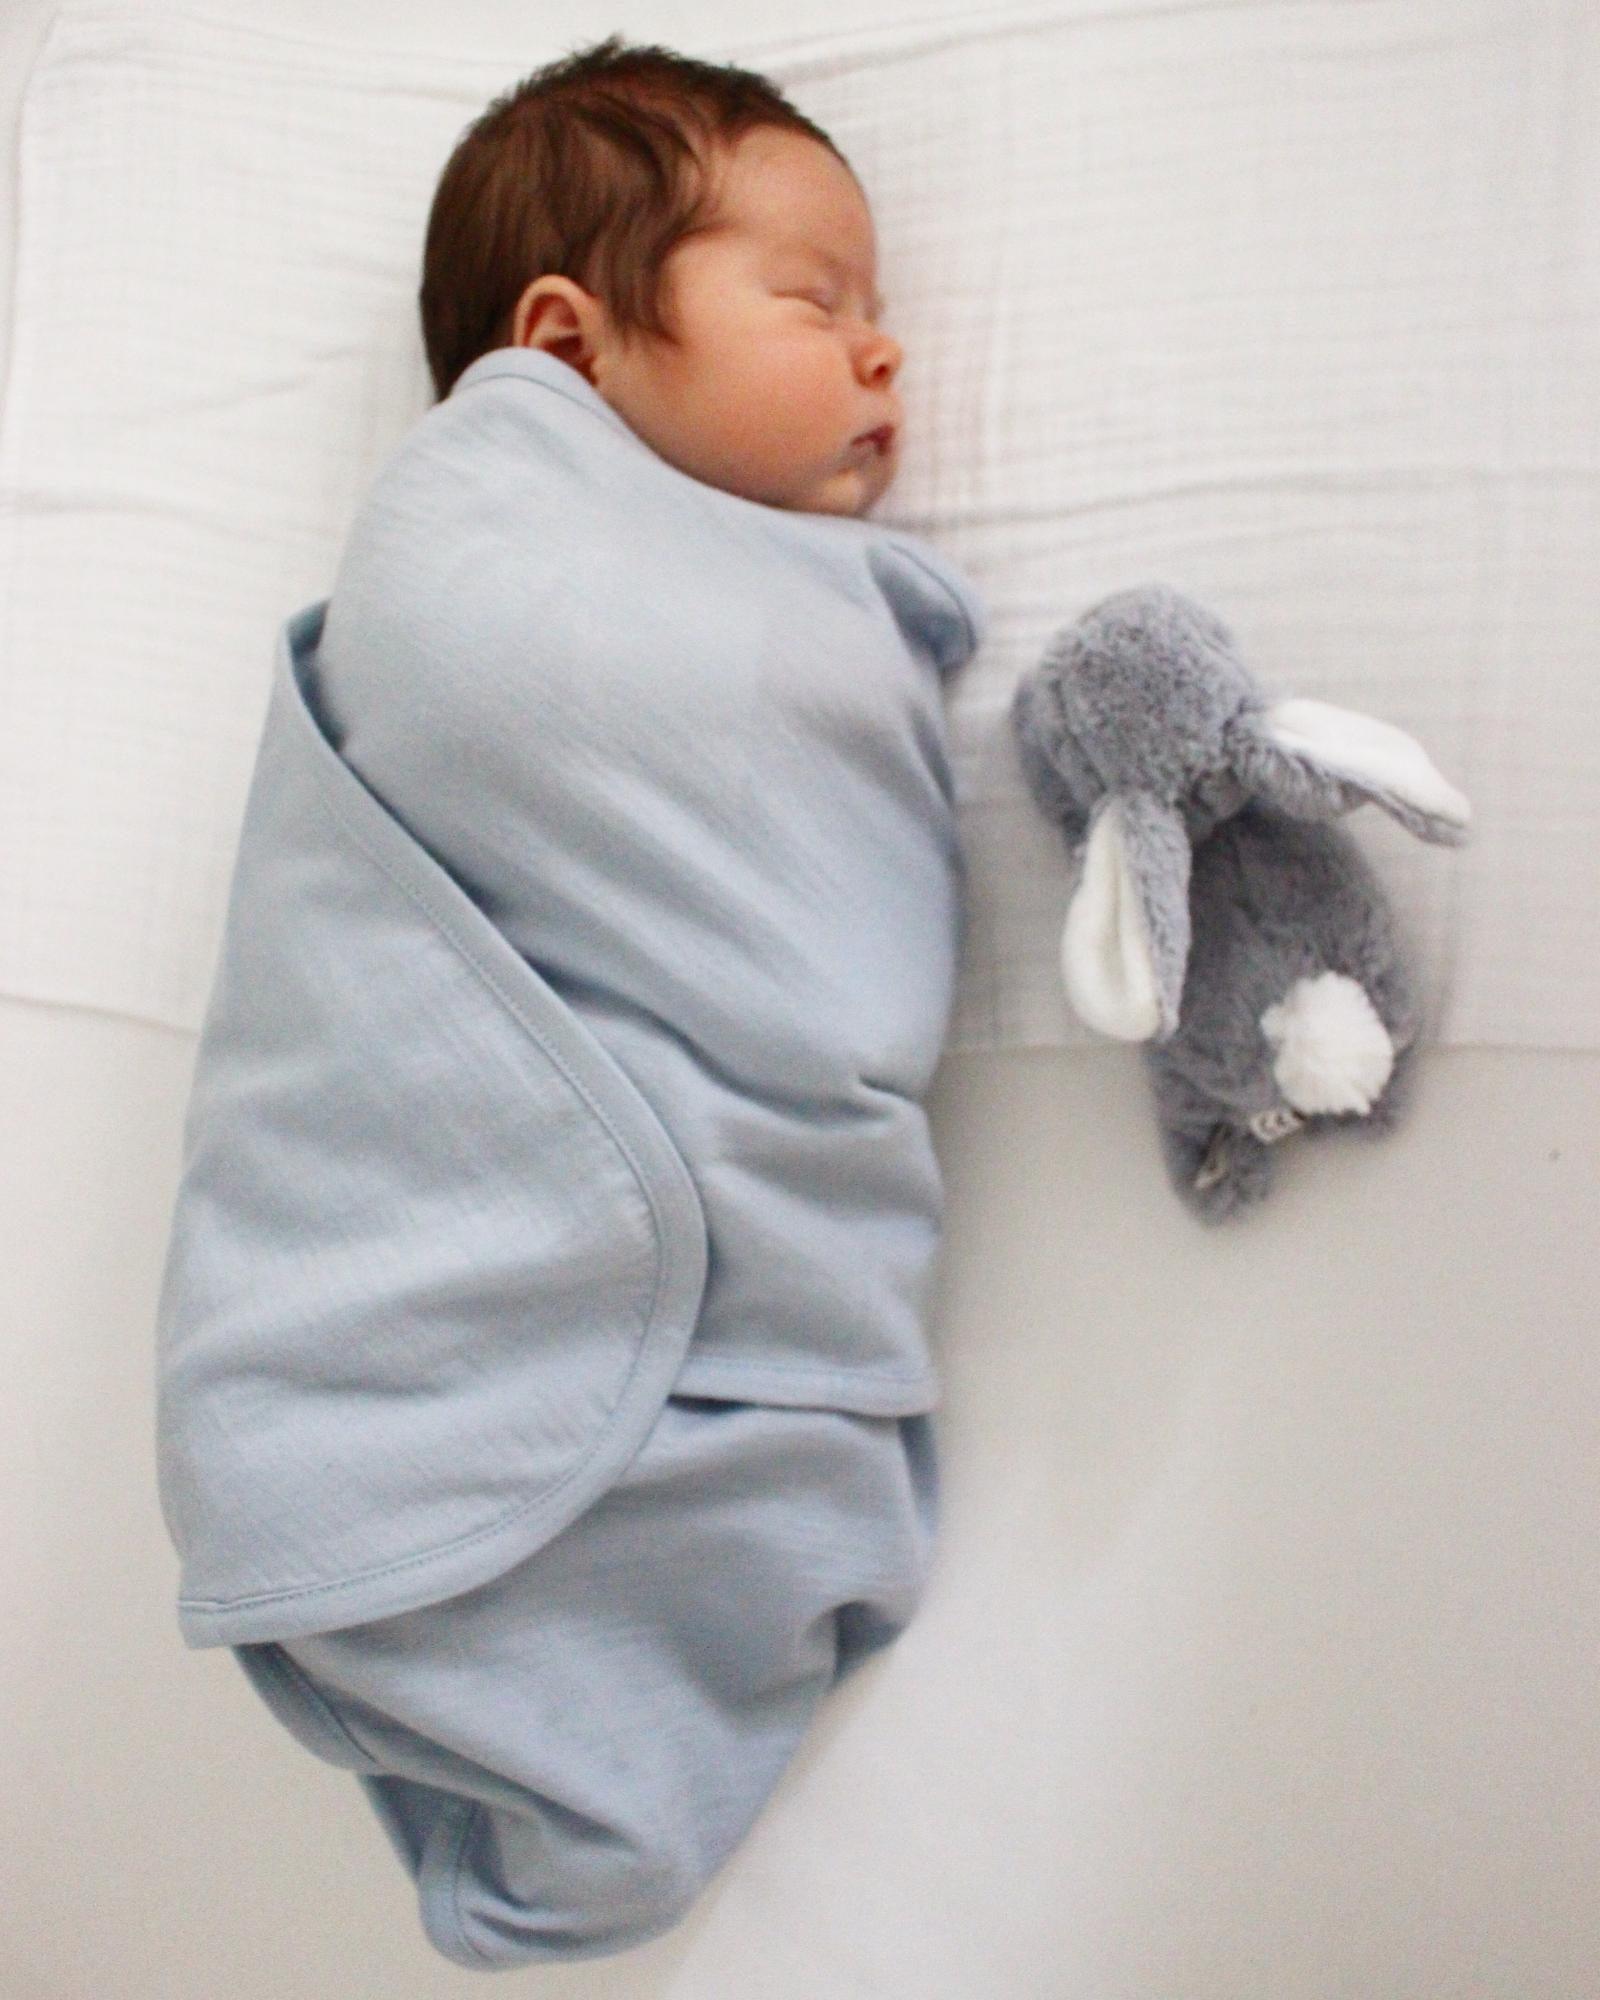 Swaddling to encourage sleep